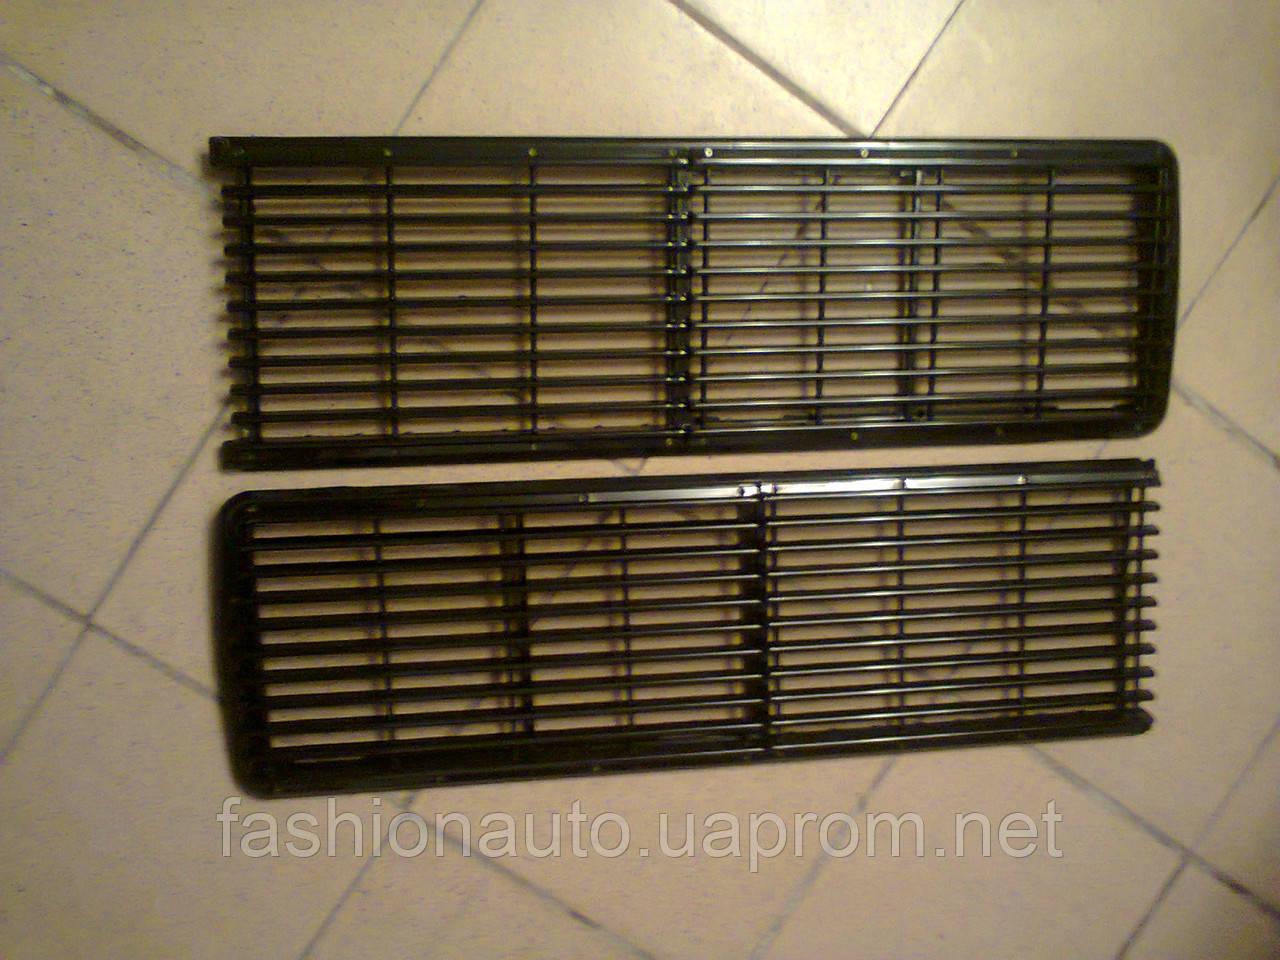 Решетка радиатора 2106  сплошная закрытая